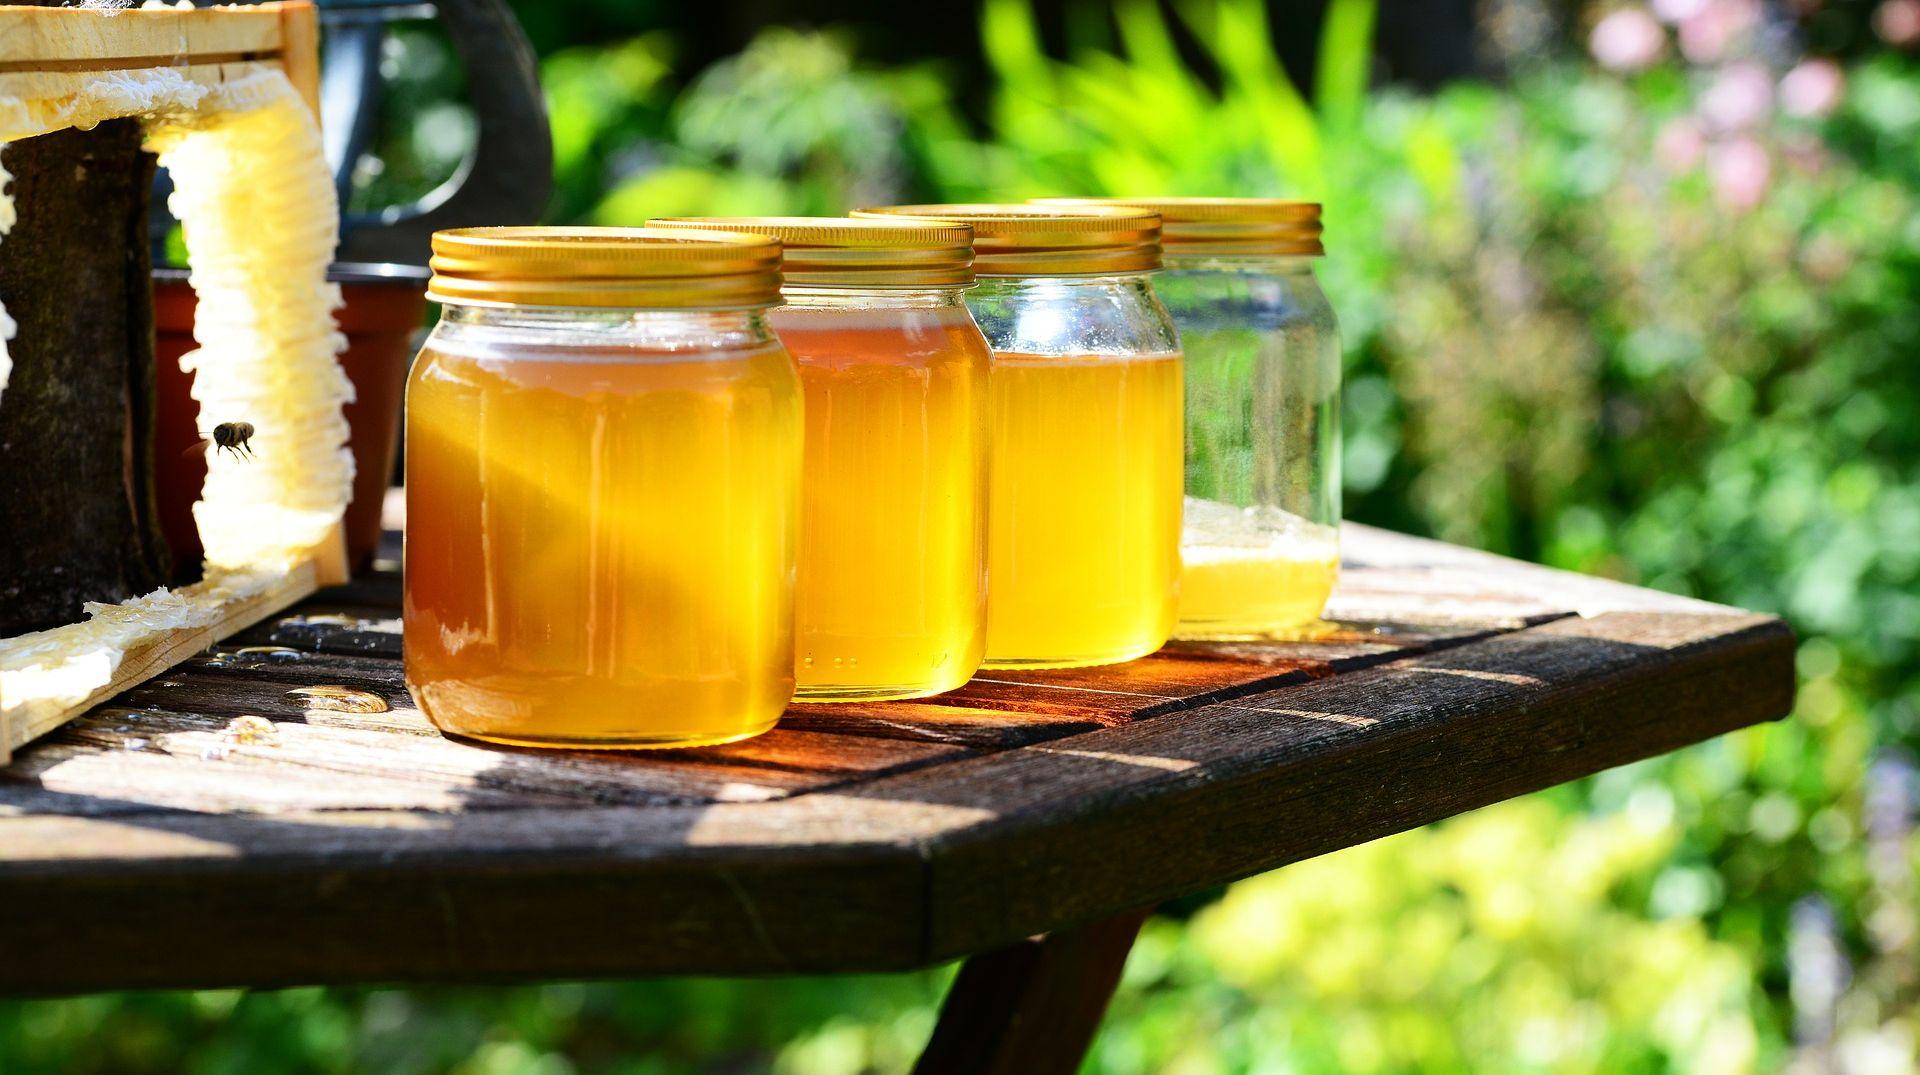 Prvašićima staklenka domaćeg meda besplatno